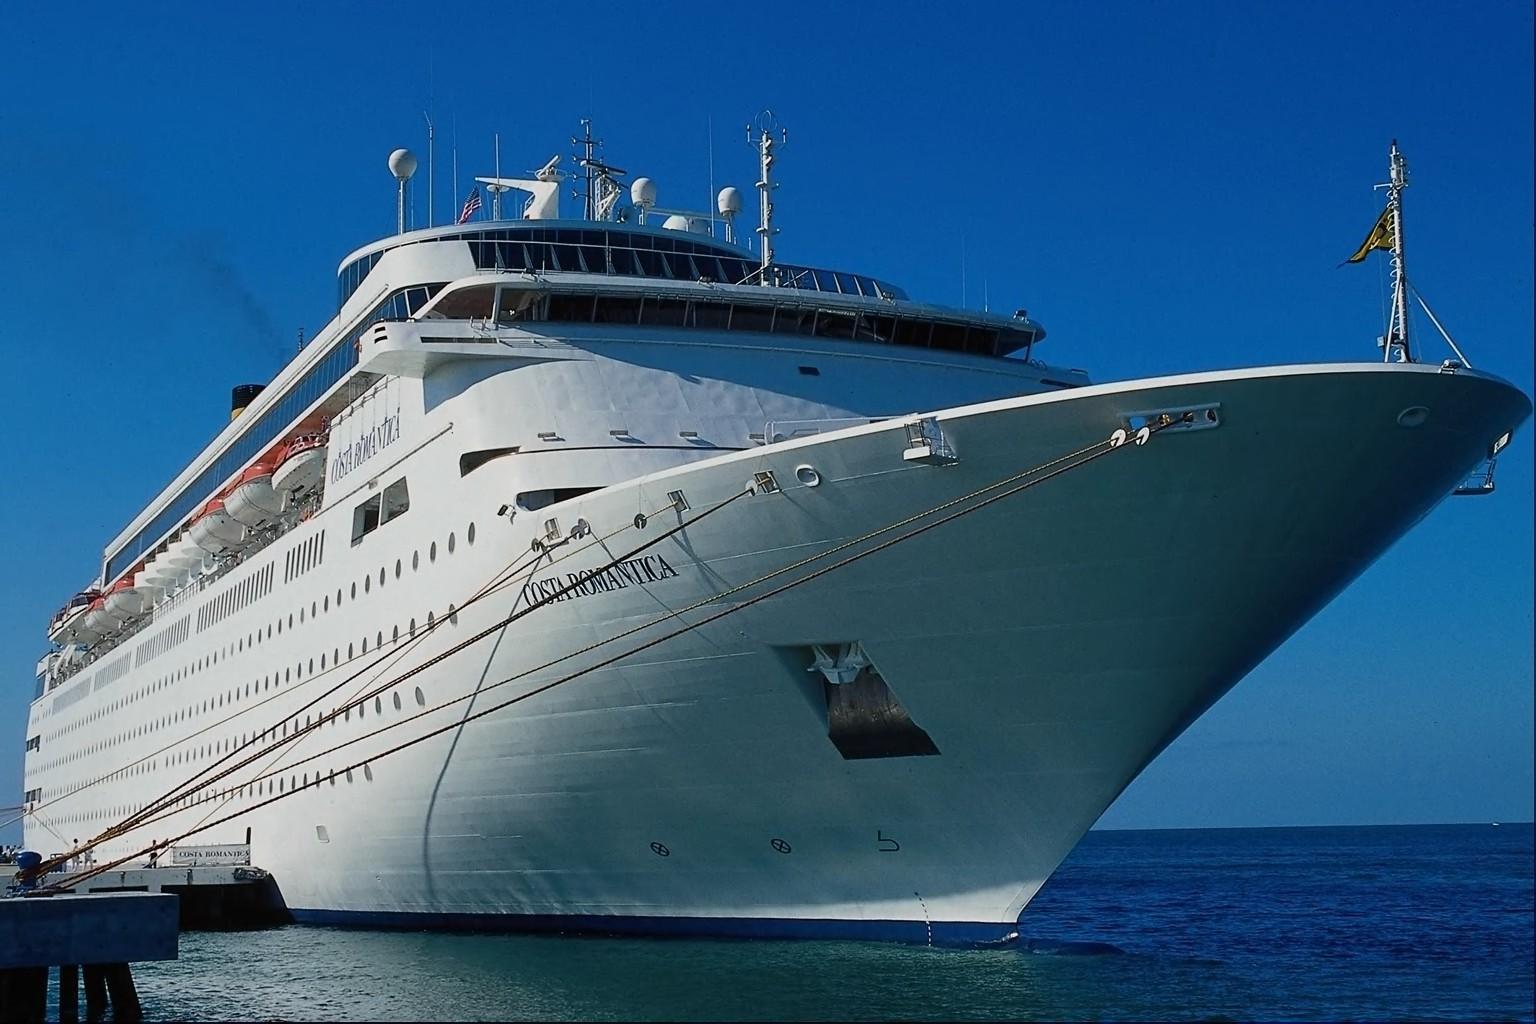 Cruise Ship 1536x1024